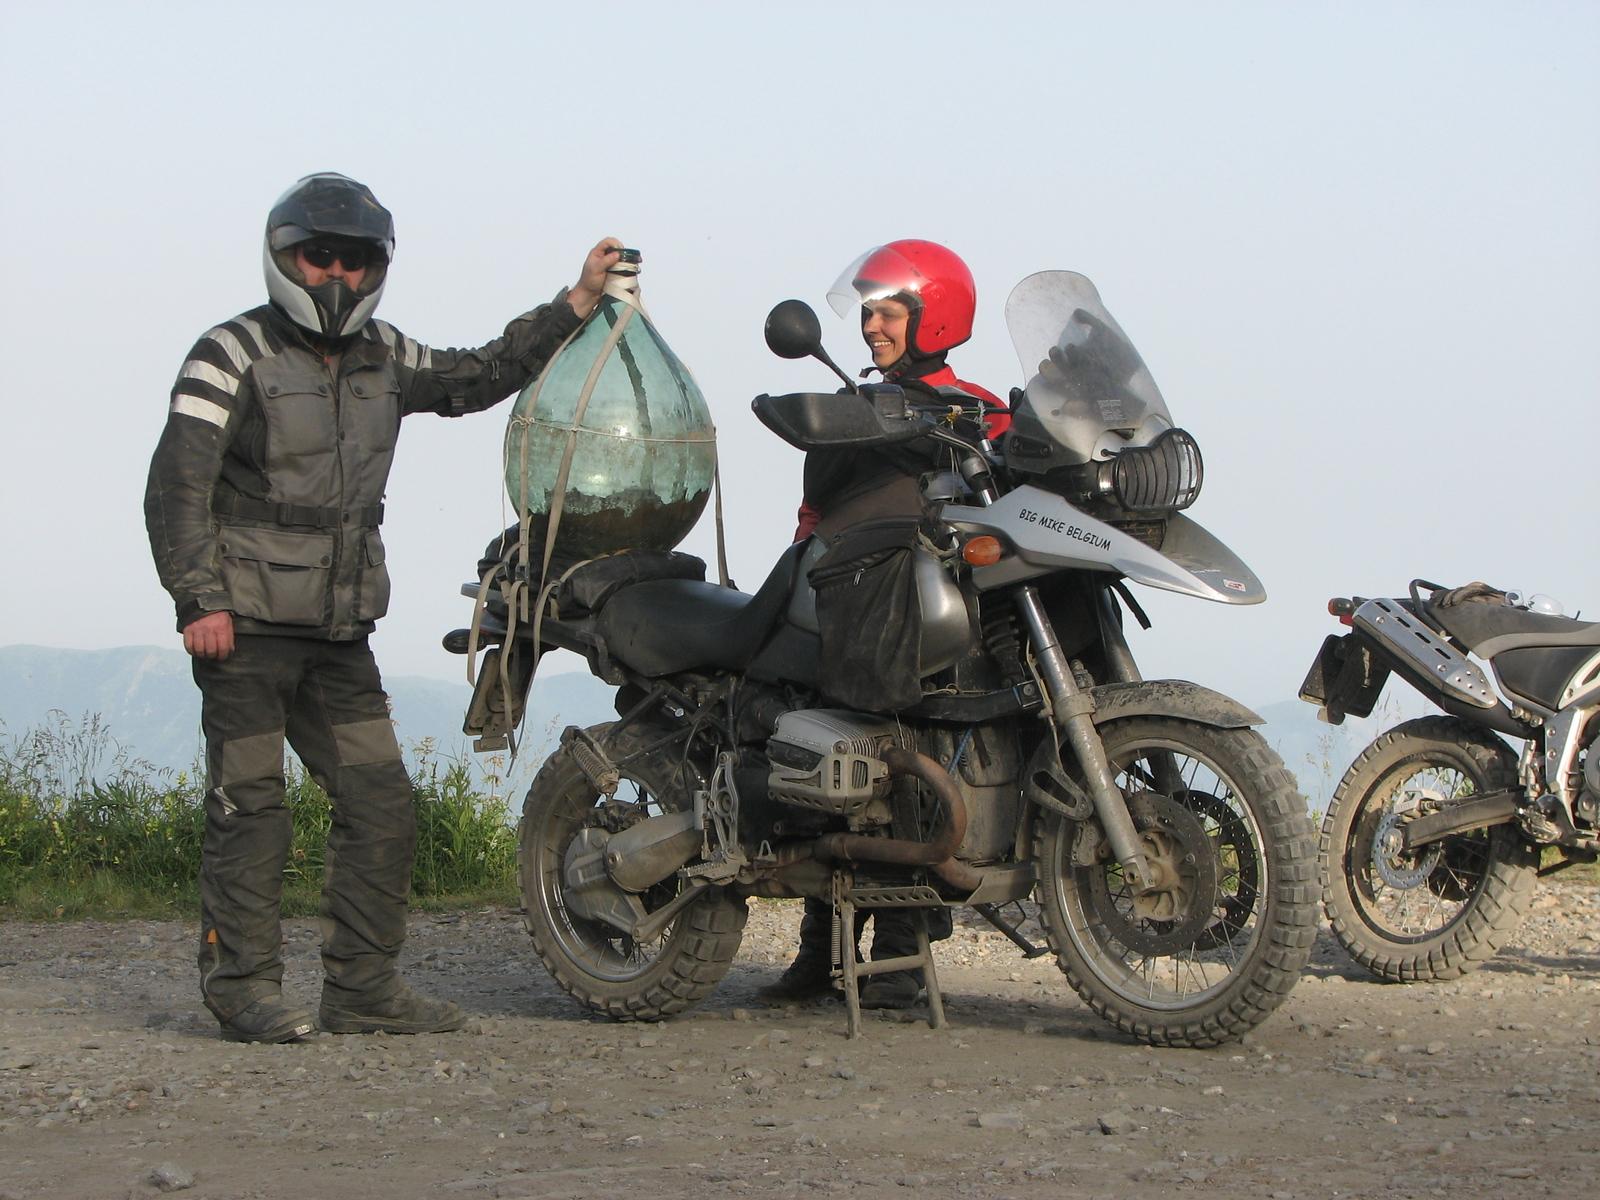 Baisse di Sanson 2012, ooit vonden Veerle, Hans en ik een dame-jeanne die we zelfs heelhuids naar beneden brachten !!!